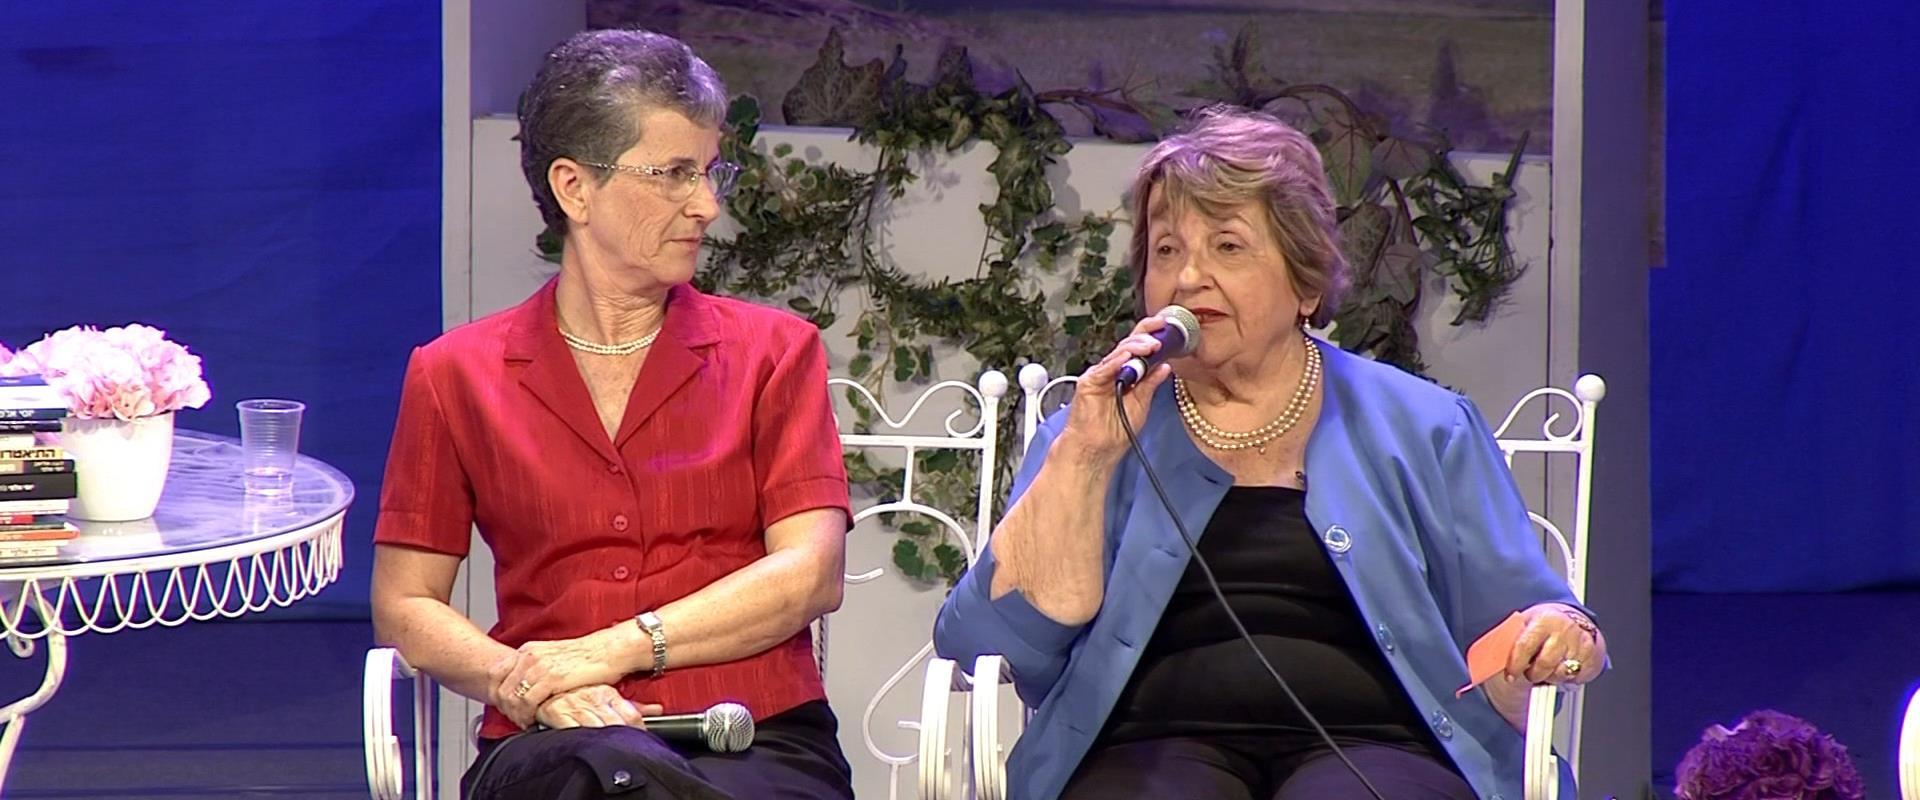 פסטיבל מספרי סיפורים - נשים ציוניות | חלק ב'